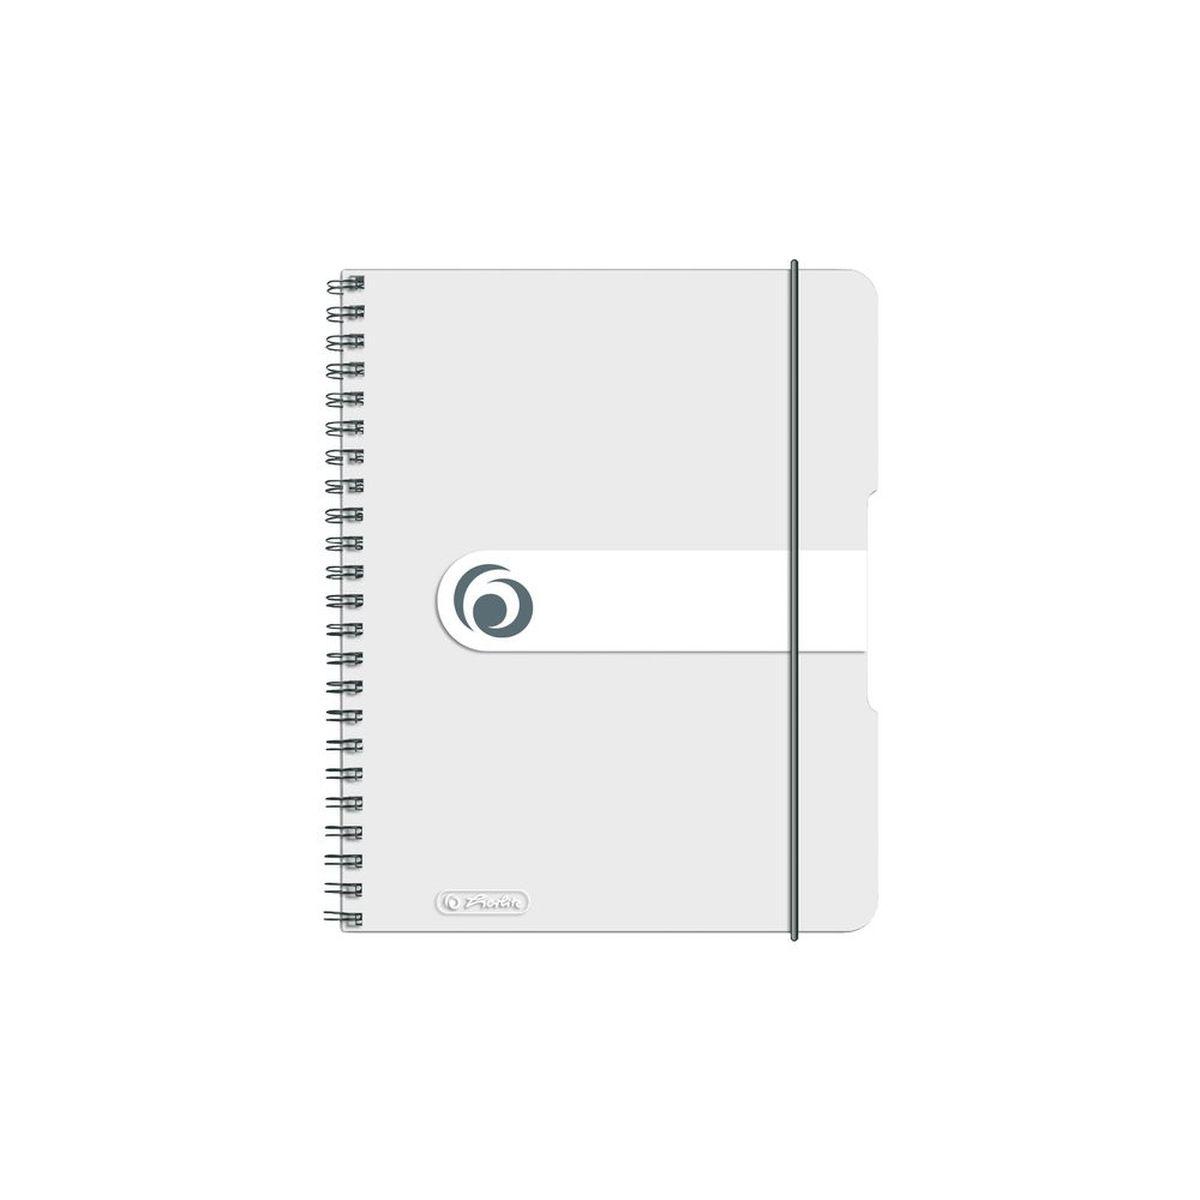 Herlitz Блокнот Easy Orga To Go 100 листов в клетку формат А6 цвет прозрачный11294444Удобный блокнот Herlitz Easy Orga To Go - незаменимый атрибут современного человека, предназначенный для важных записей.Блокнот содержит 100 листов формата А6 в клетку без полей. Обложка выполнена из качественного полипропилена. Спираль изготовлена из металла, что гарантирует полное отсутствие потери листов. Блокнот имеет закругленные углы.Блокнот для записей Herlitz Easy Orga To Go станет достойным аксессуаром среди ваших канцелярских принадлежностей. Это отличный подарок как коллеге или деловому партнеру, так и близким людям.